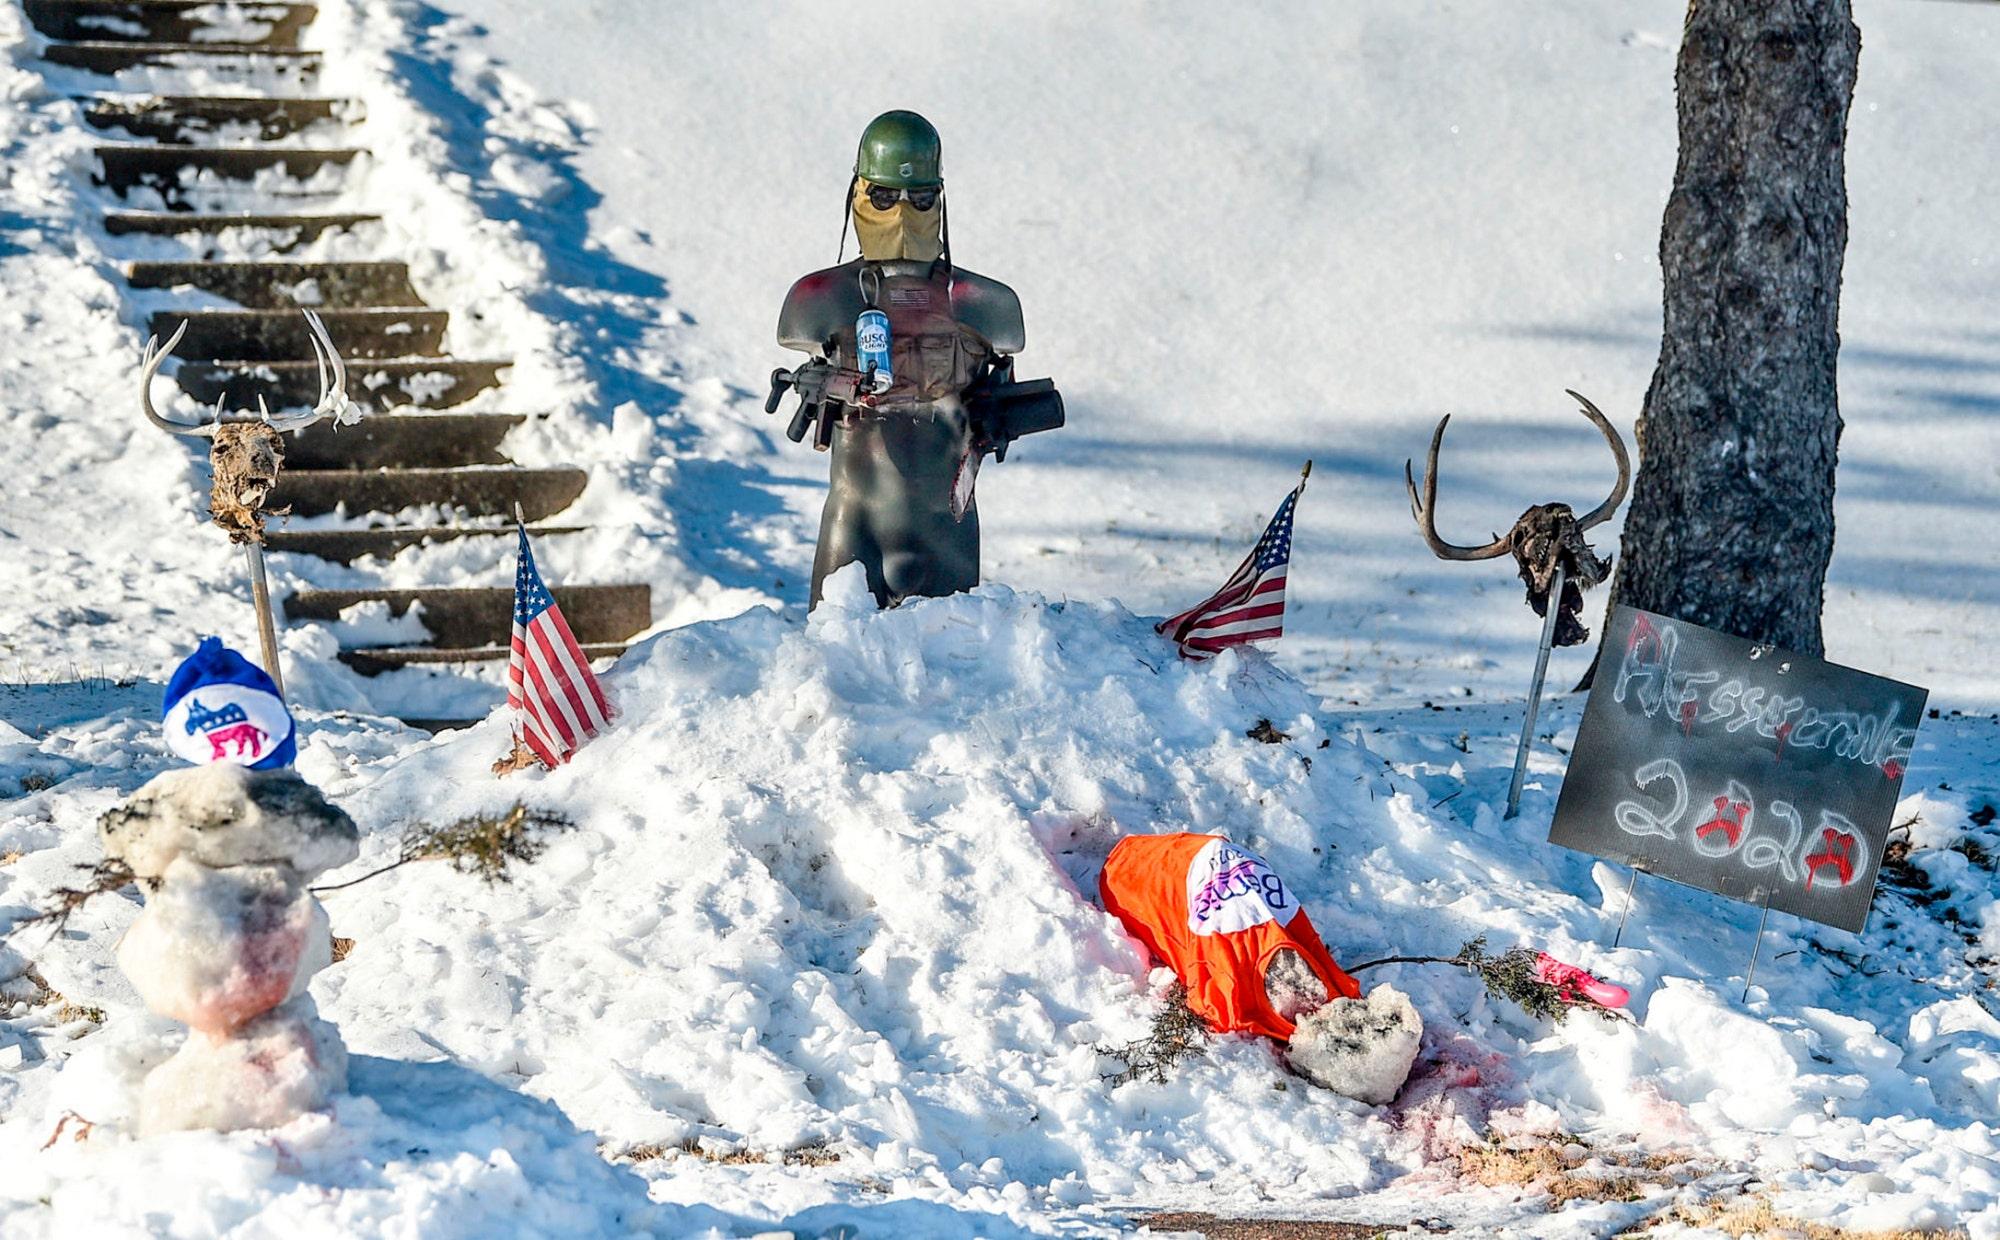 Iowa Schnee targeting im display-Netzwerk Demokraten einhellig verurteilt in der Stadt